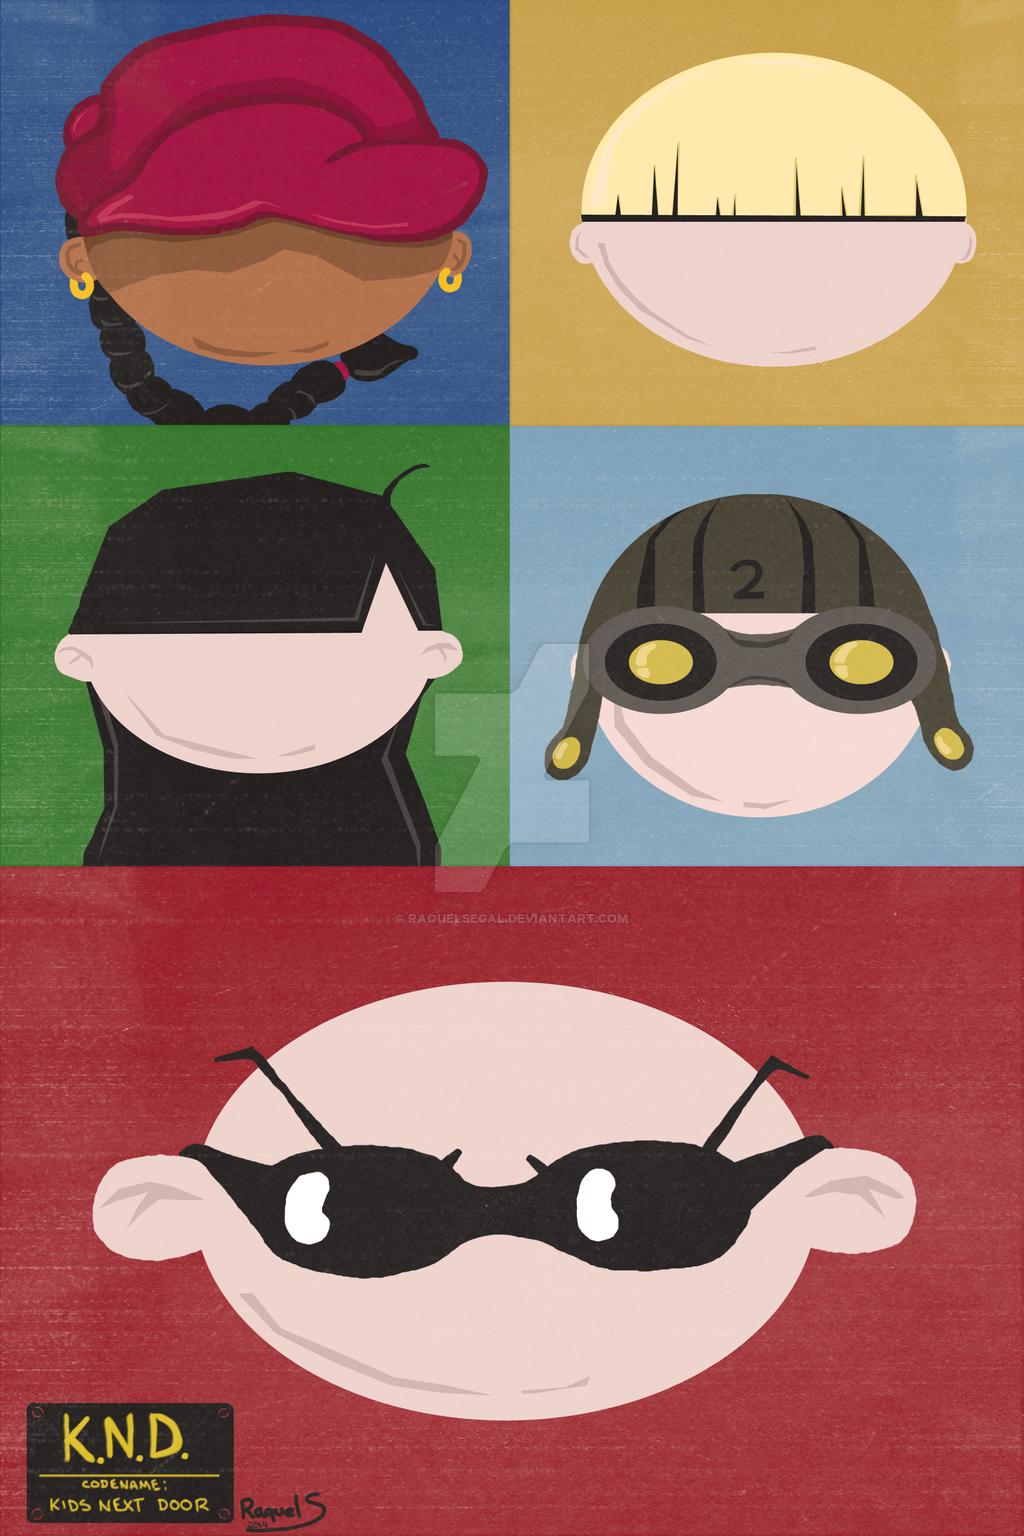 Knd minimalist poster by raquelsegal on deviantart cartoon